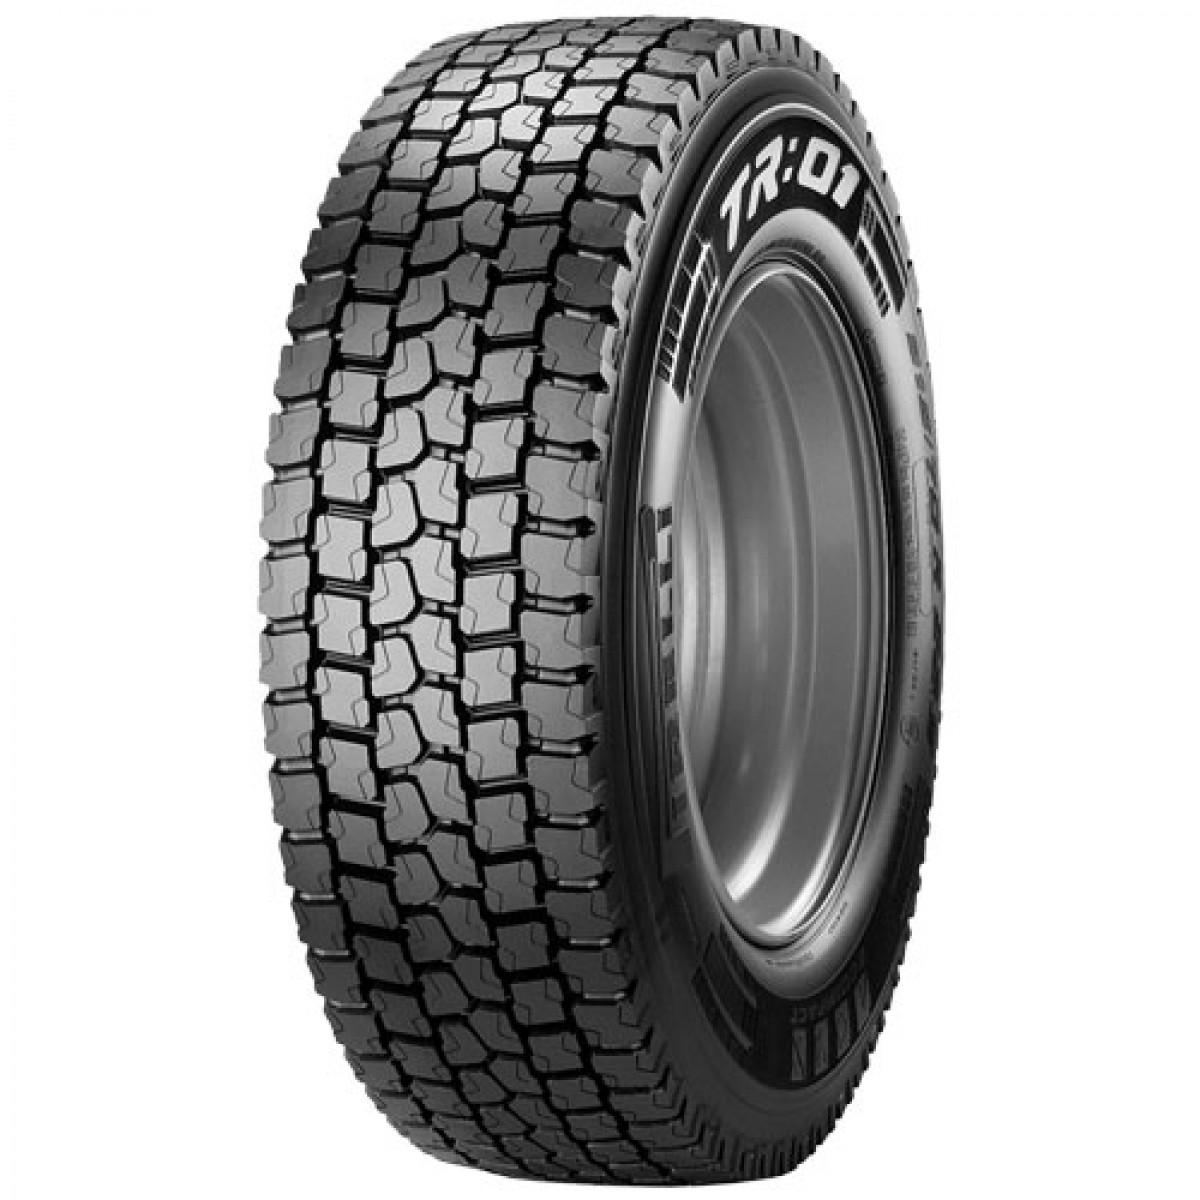 Pneu Caminhao Onibus Radial 275/80r22.5 Tr01 Borrachudo Pirelli